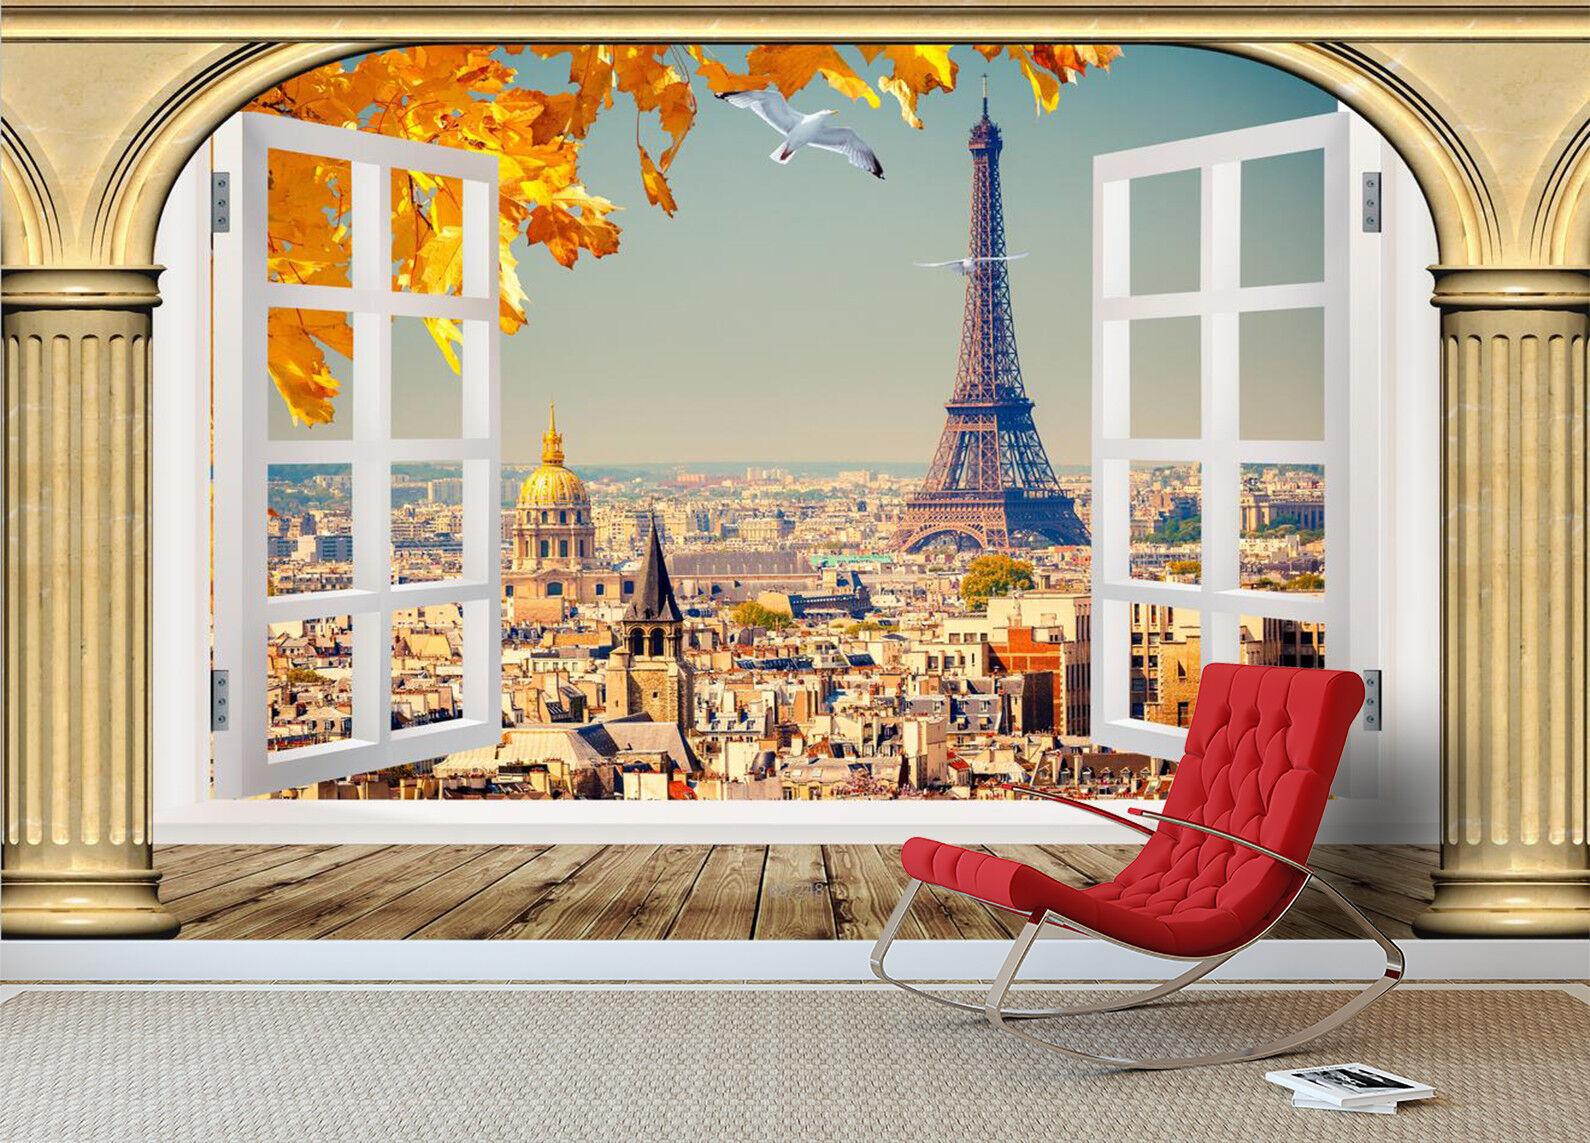 3D Eiffelturm Eiffelturm Eiffelturm Stadt Landschaft 9 Tapete Wandgemälde Tapeten Bild Familie DE Kyra  | Spielzeugwelt, glücklich und grenzenlos  | Jeder beschriebene Artikel ist verfügbar  | Tragen-wider  0fb221